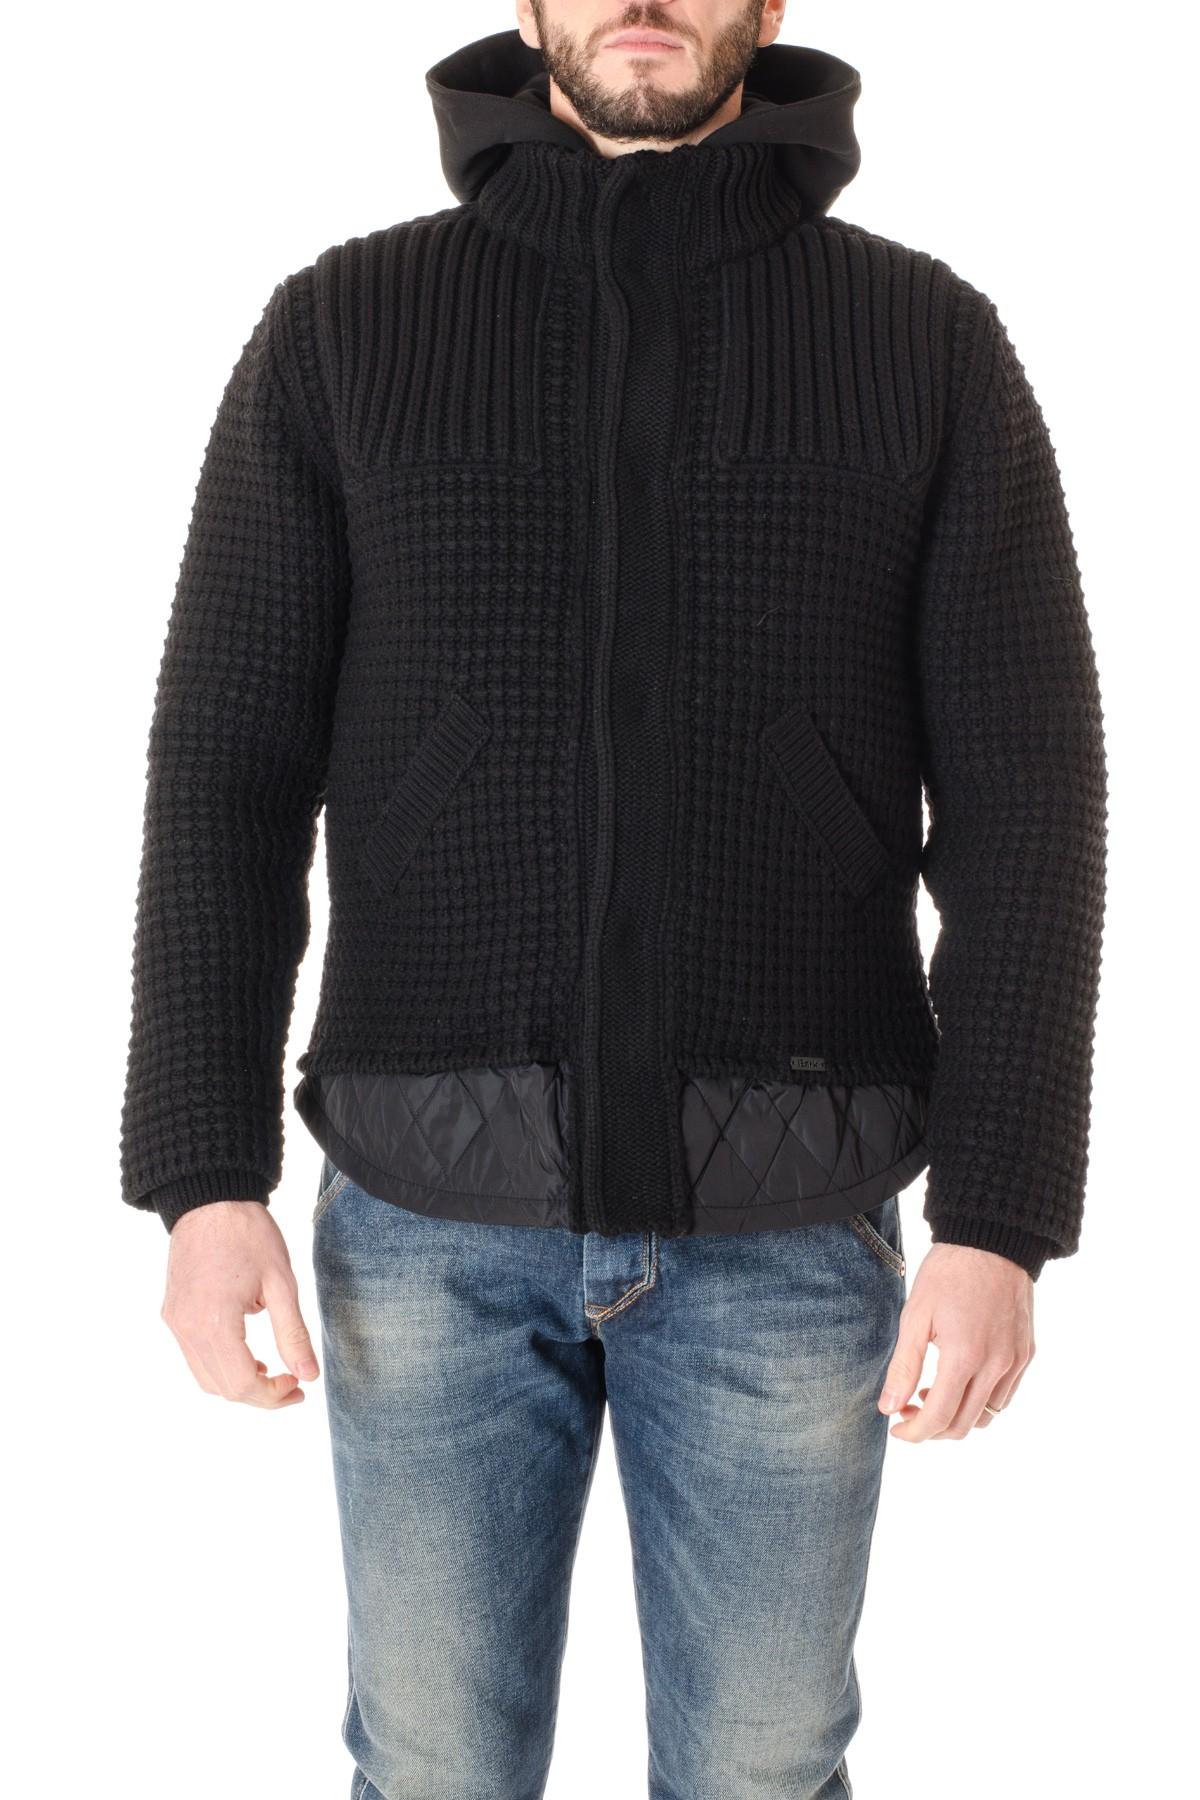 37145470c4947 Giubbotto nero BARK per uomo A I in maglia di lana - Rione Fontana